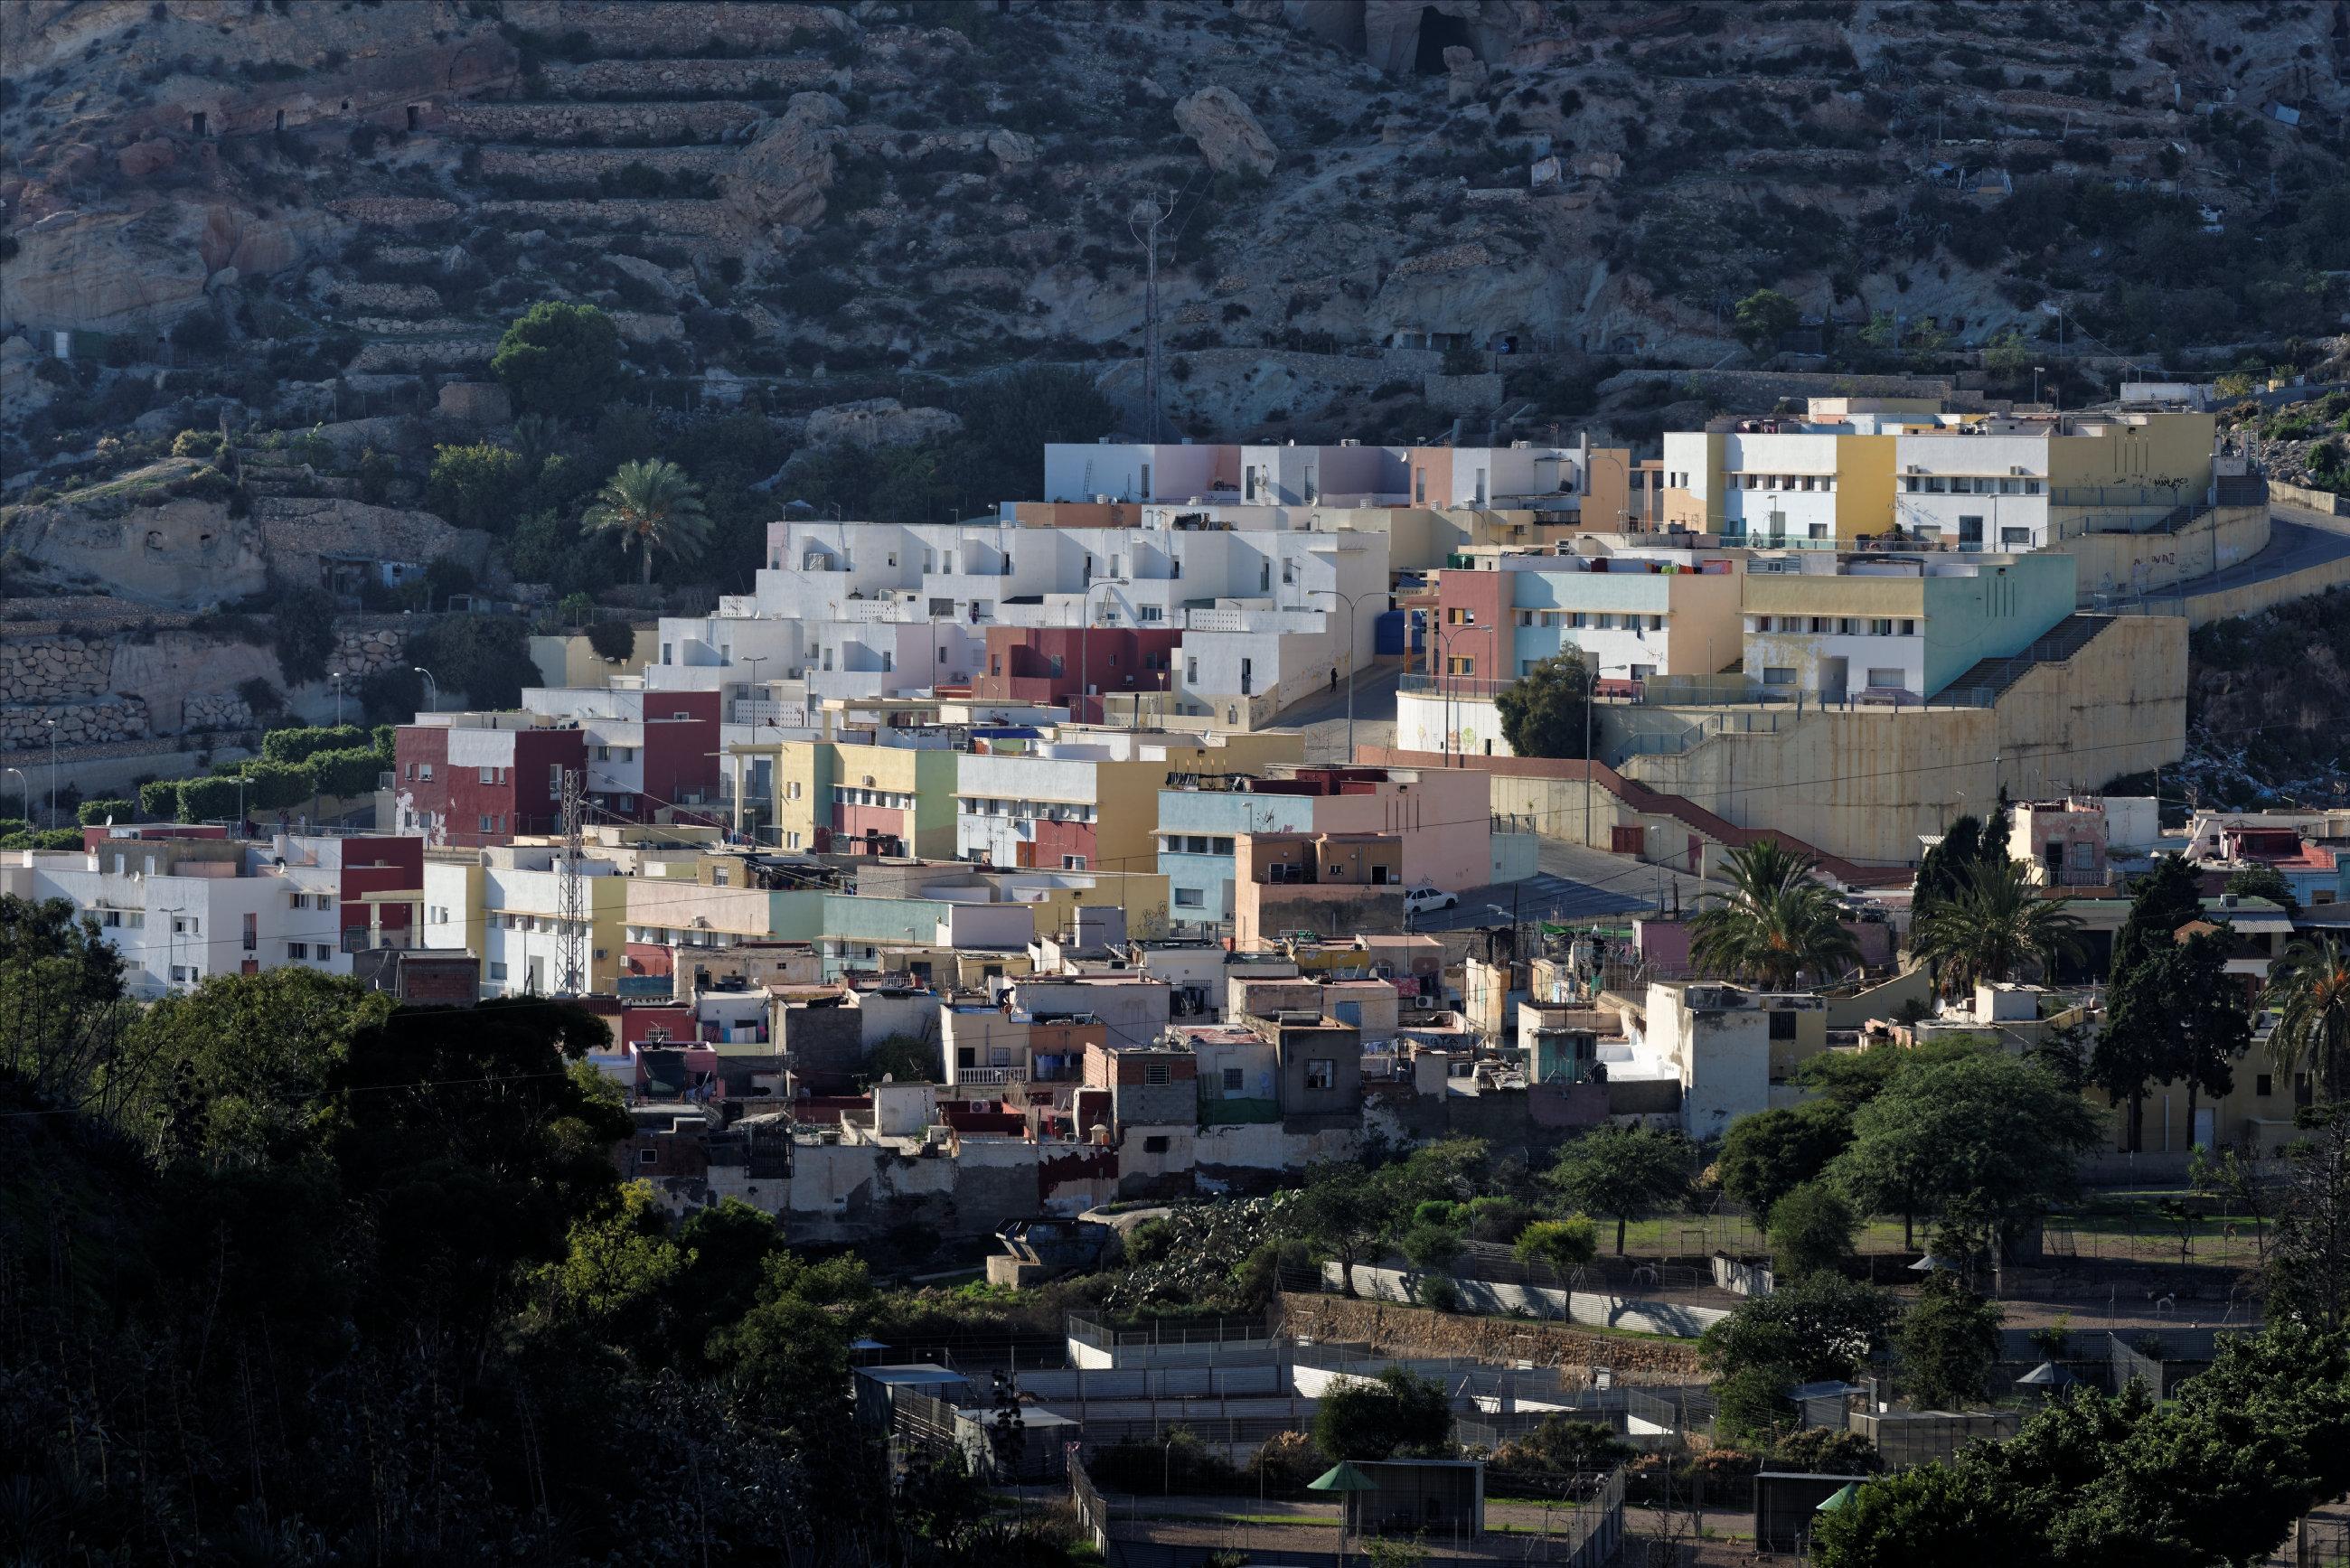 151109-Almeria (11)